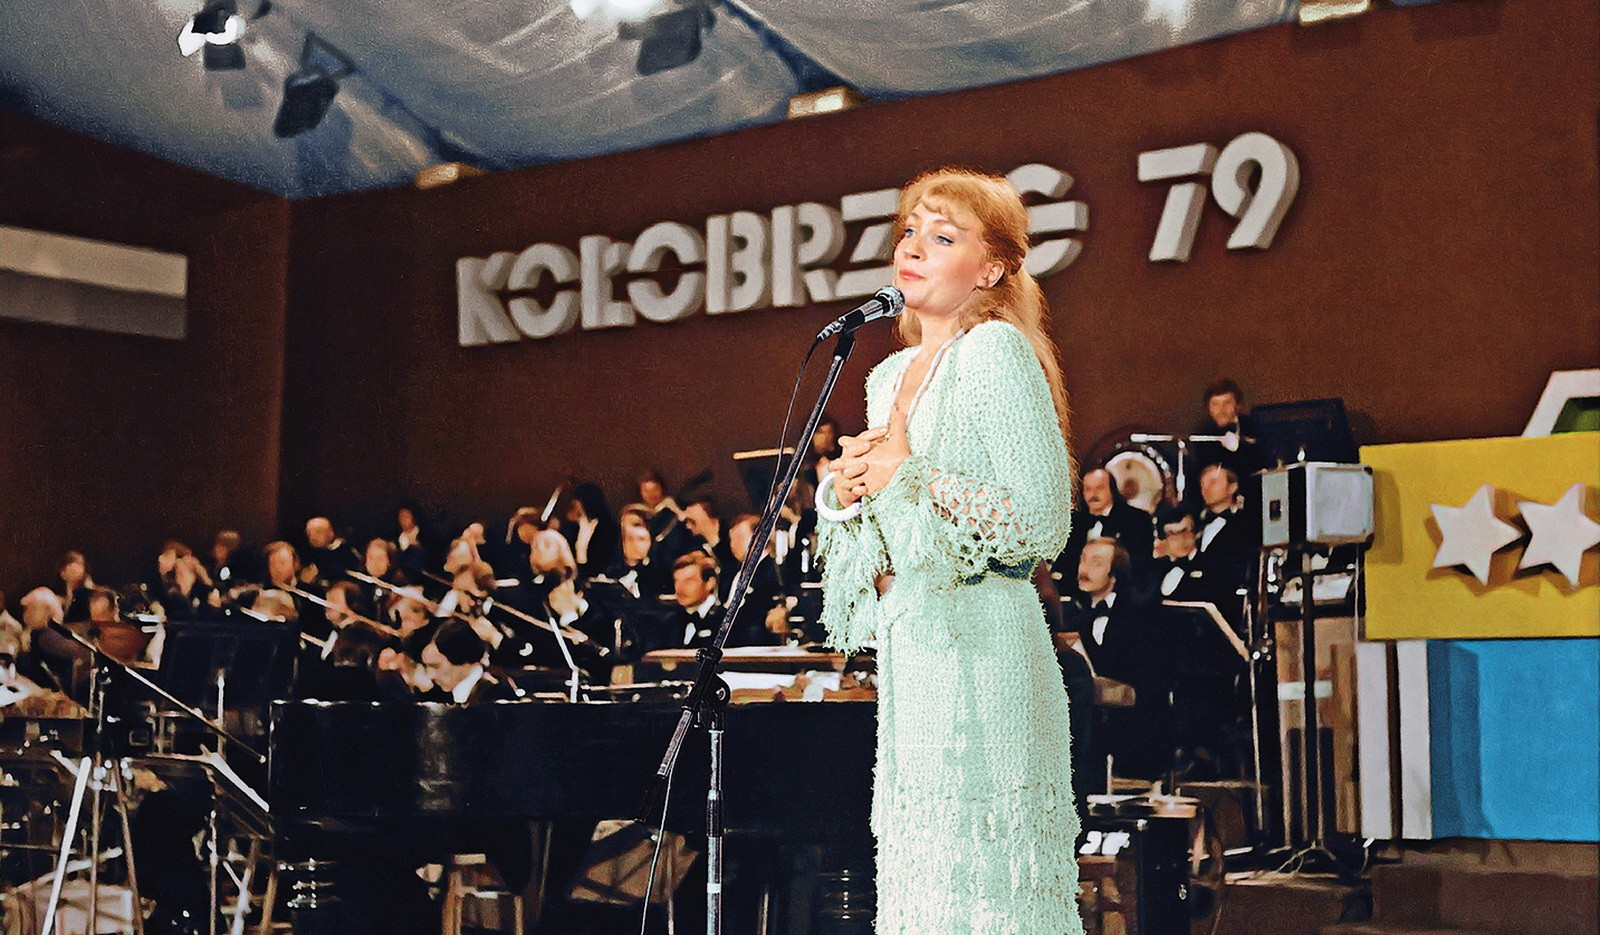 Колобжег, Польша, 1979 год. Одно из последних выступлений Анны Герман в Польше.